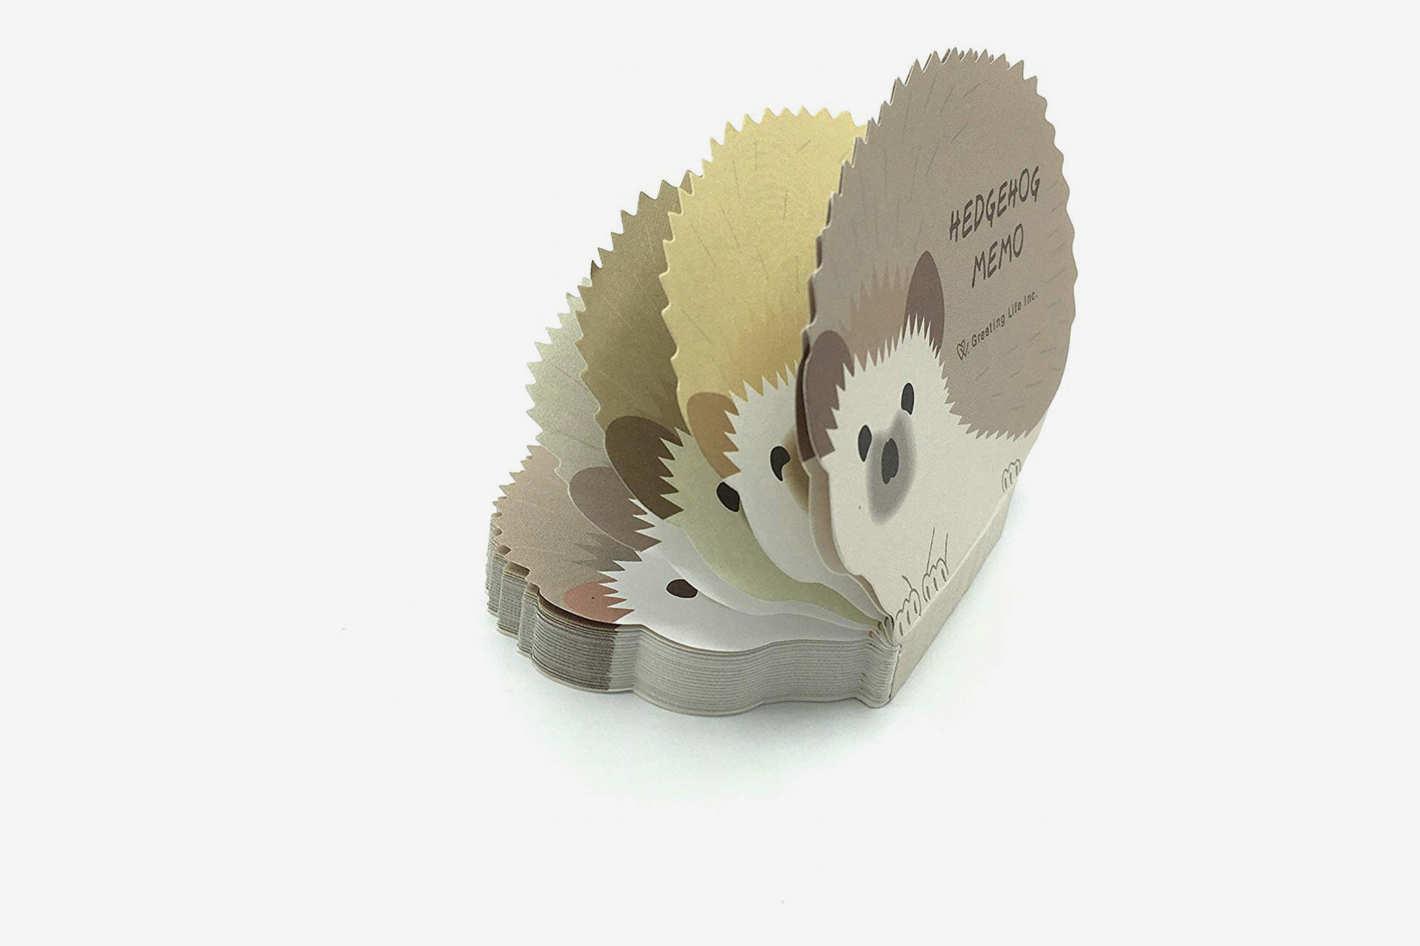 Hedgehog Die-cut Memo Pad